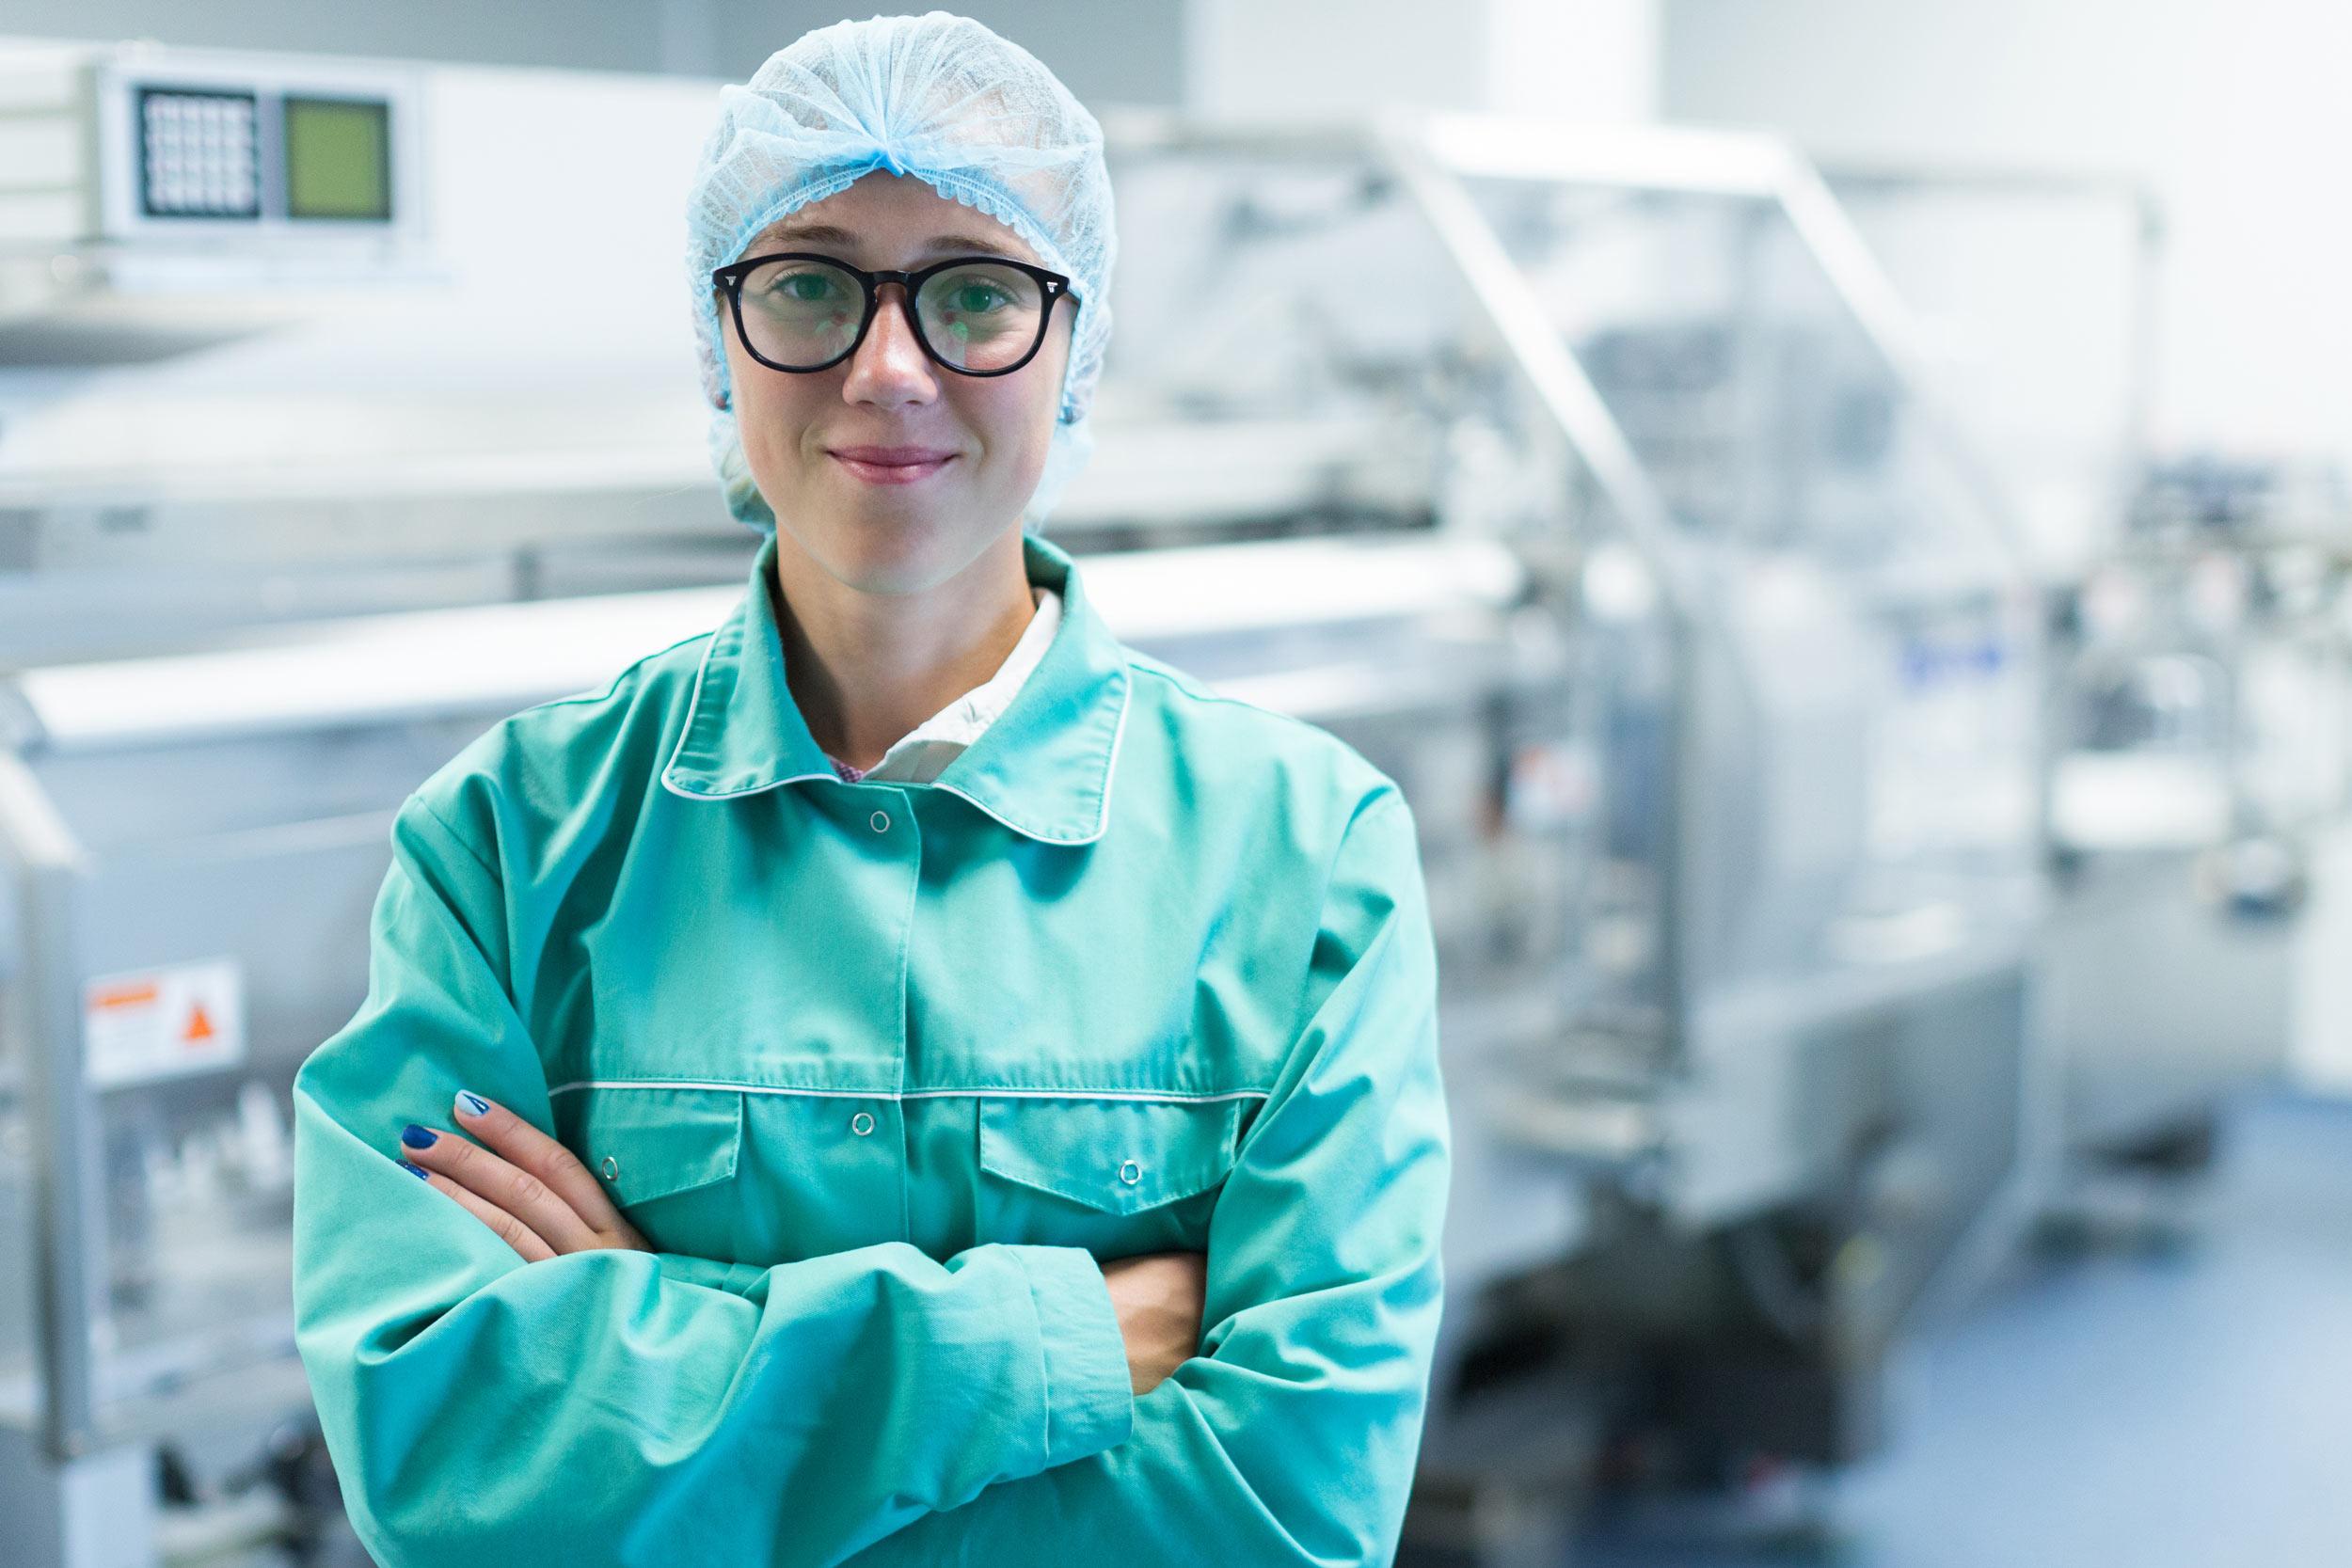 Women-Careers-In-Manufacturing.jpg